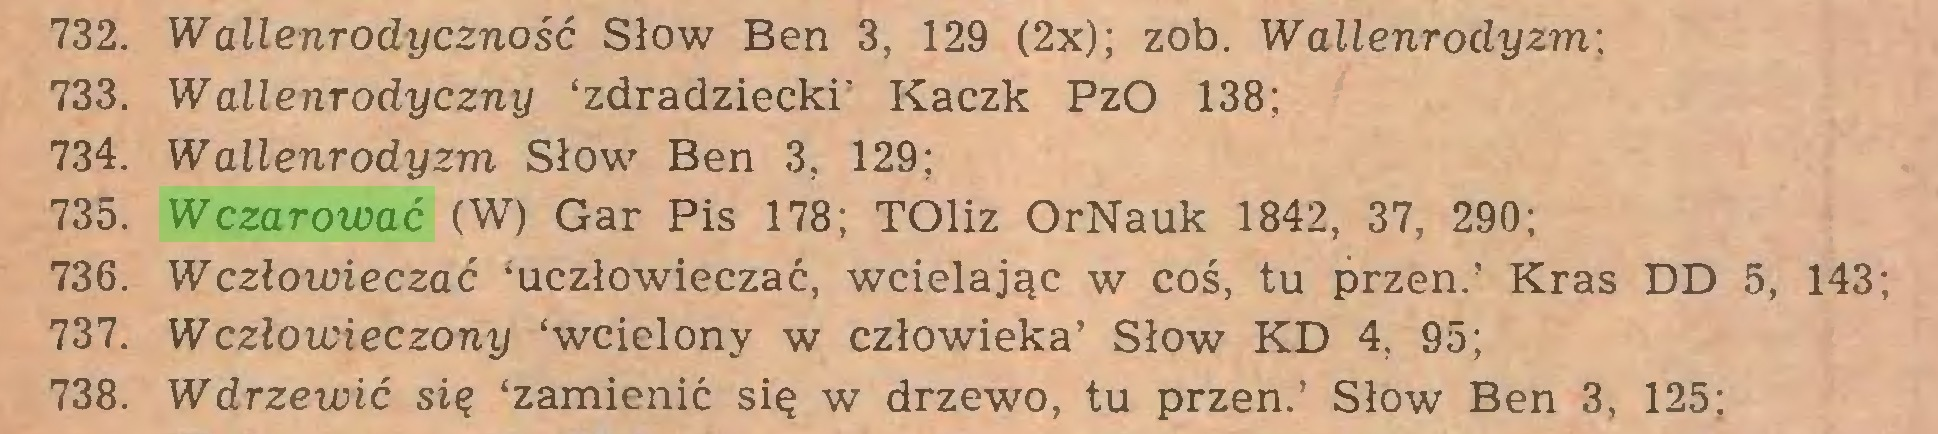 (...) 732. W allenrodyczność Słów Ben 3, 129 (2x); zob. Wallenrodyzm: 733. Wallenrodyczny 'zdradziecki' Kaczk PzO 138; 734. Wallenrodyzm Słów Ben 3, 129; 735. Wczarować (W) Gar Pis 178; TOliz OrNauk 1842, 37, 290; 736. Wczlowieczać 'uczłowieczać, wcielając w coś, tu przen.' Kras DD 5, 143; 737. Wczlowieczony 'wcielony w człowieka' Słów KD 4, 95; 738. Wdrzewić się 'zamienić się w drzewo, tu przen.' Słów Ben 3, 125;...